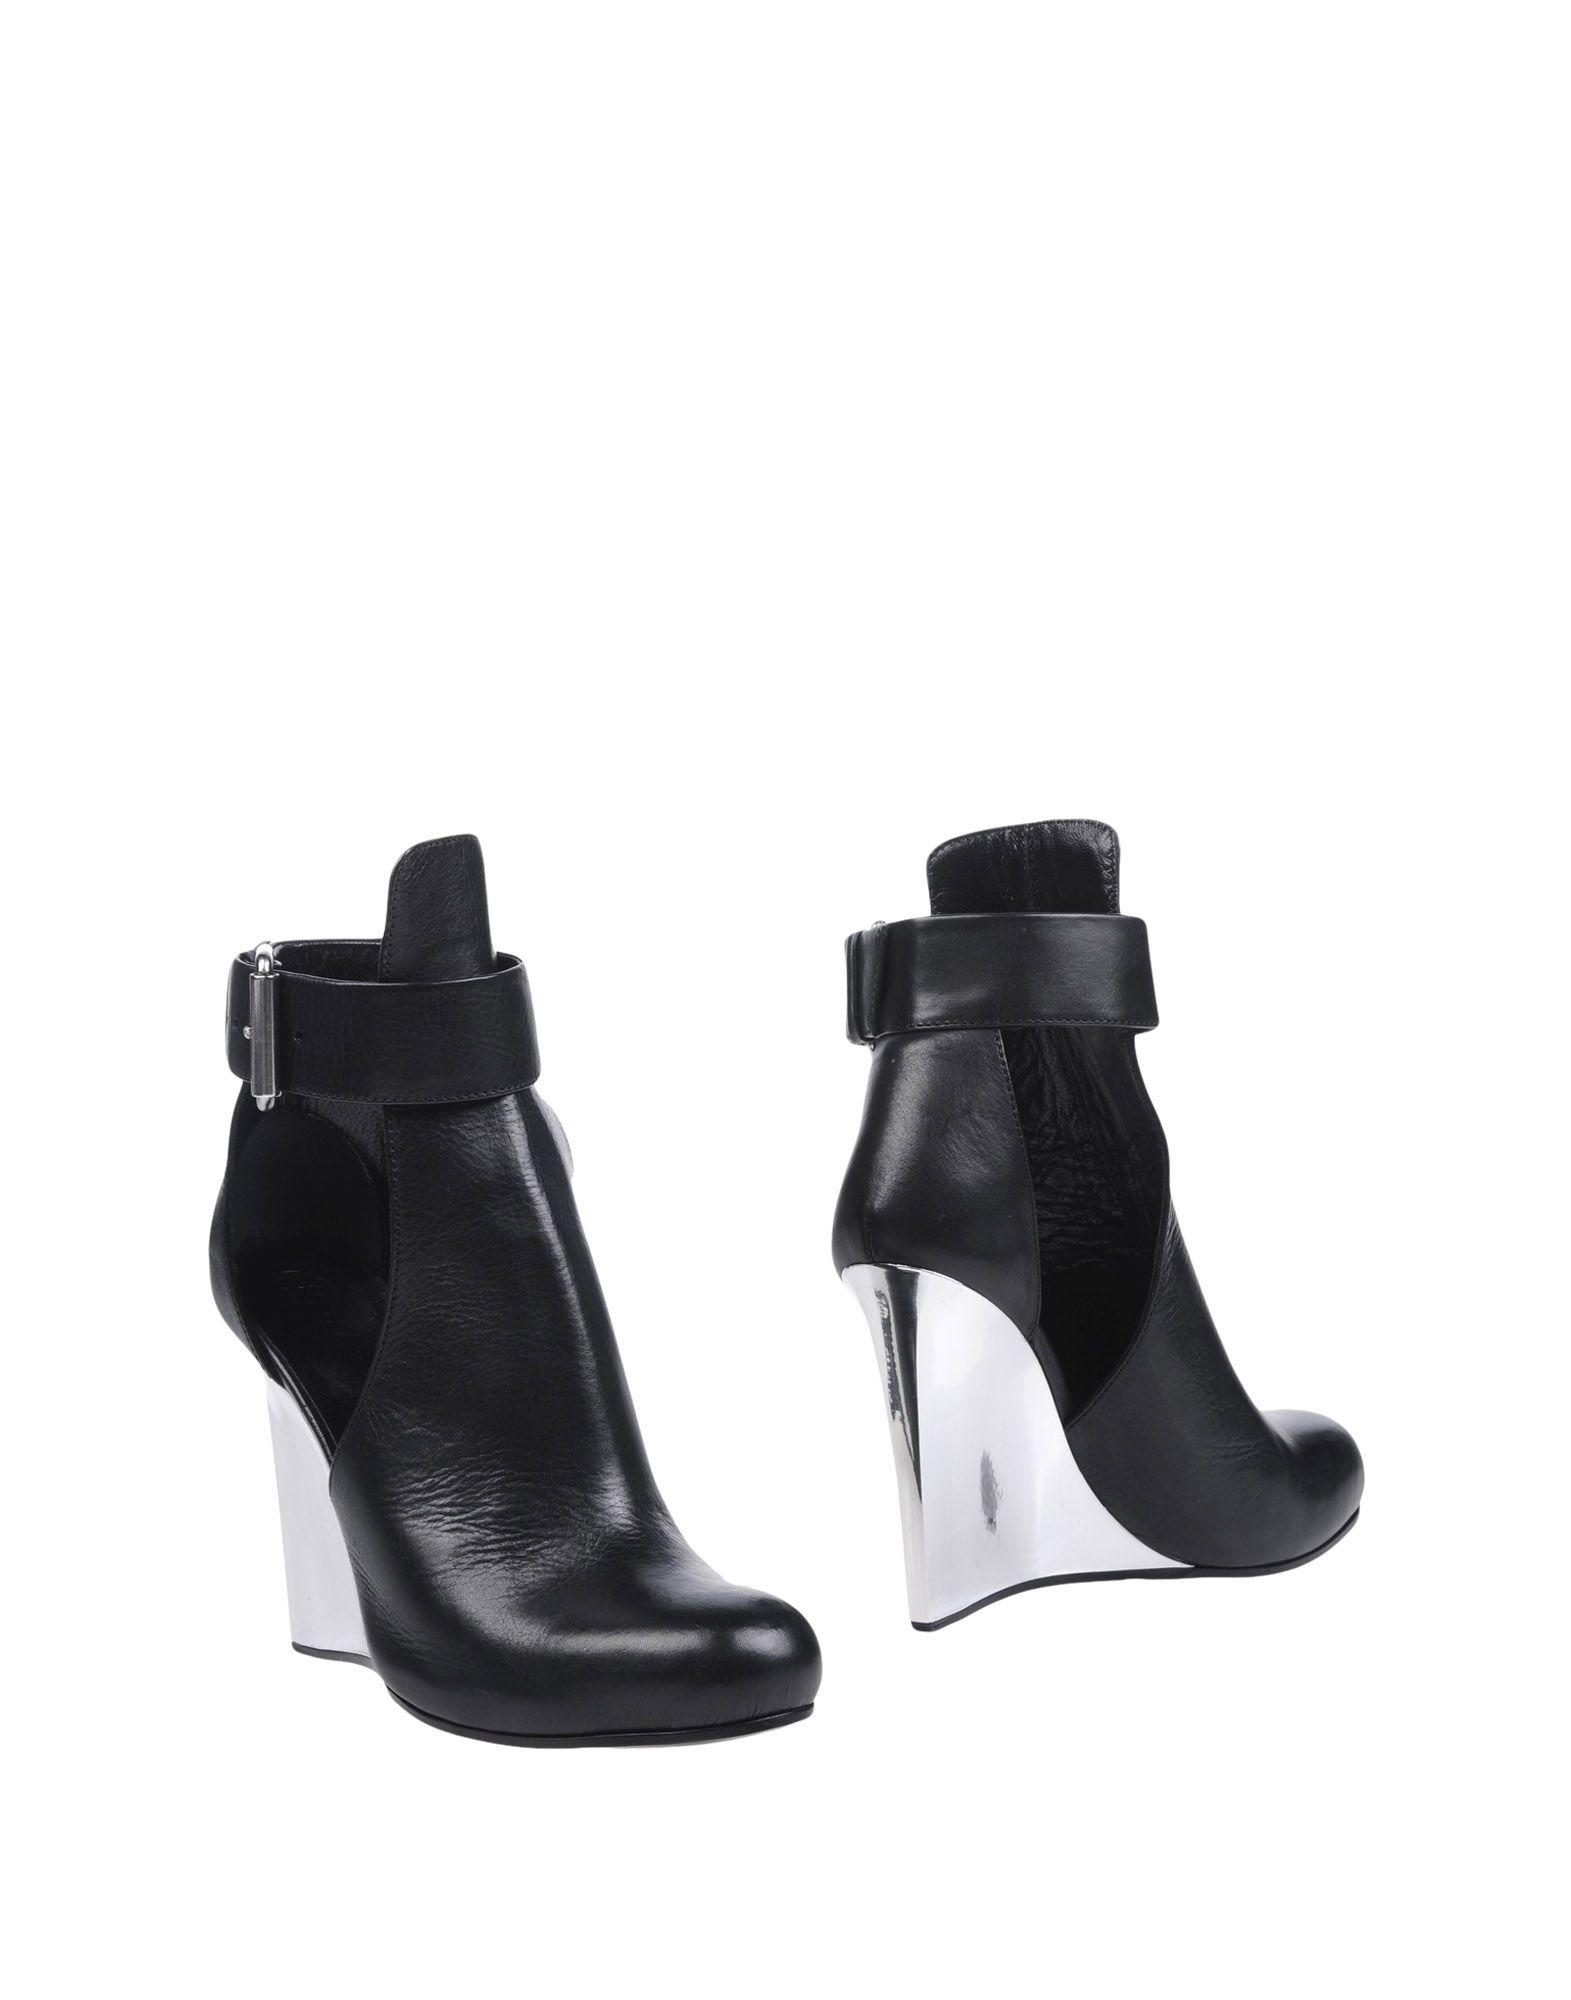 Mcq Alexander Mcqueen Stiefelette Damen  11208554GOGut aussehende strapazierfähige Schuhe